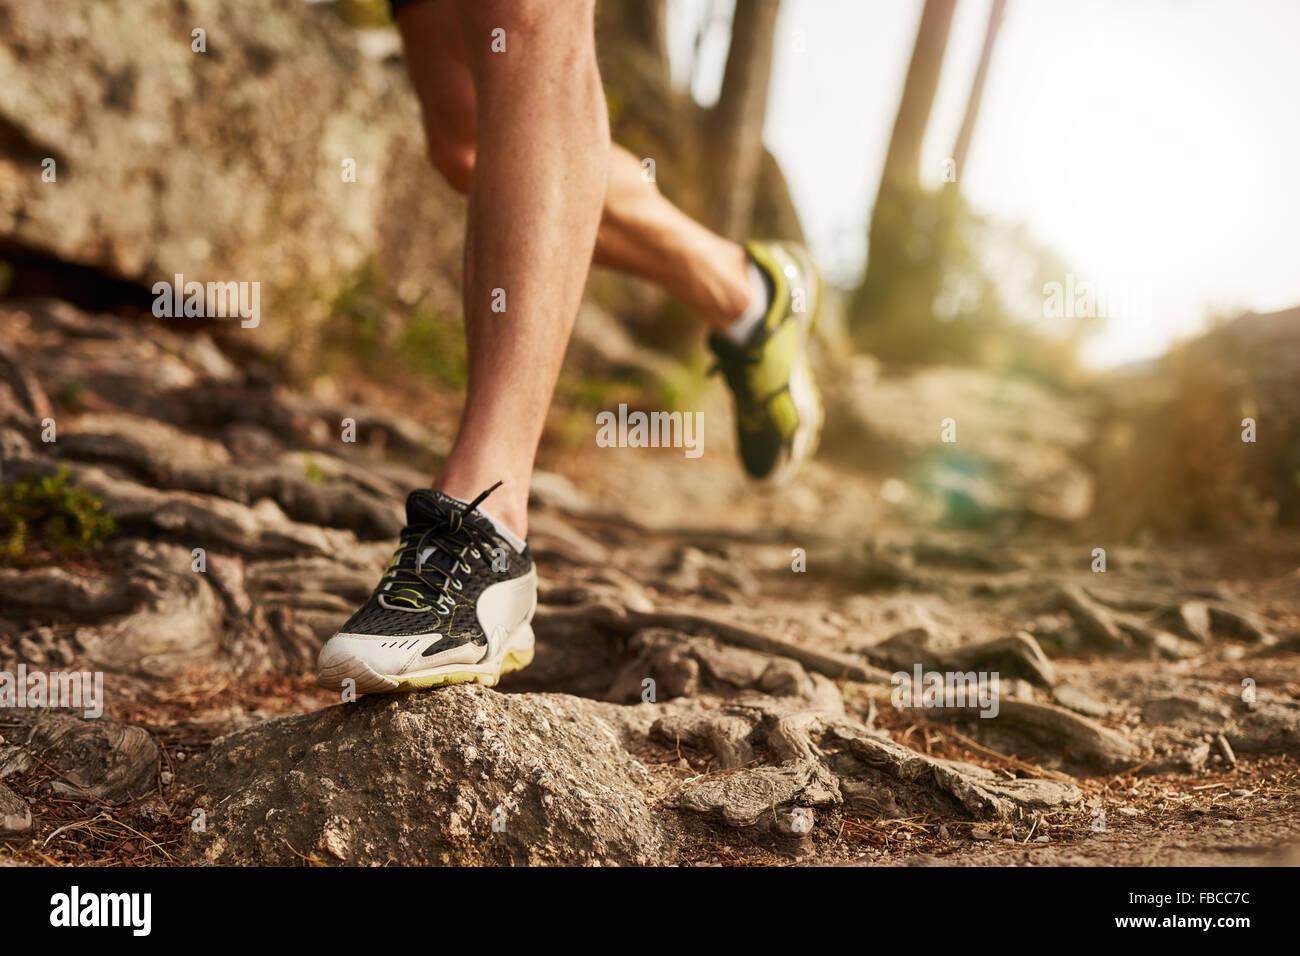 Close-up di trail running shoe sul difficile terreno roccioso. Runner maschio delle gambe del lavoro su terreni Immagini Stock